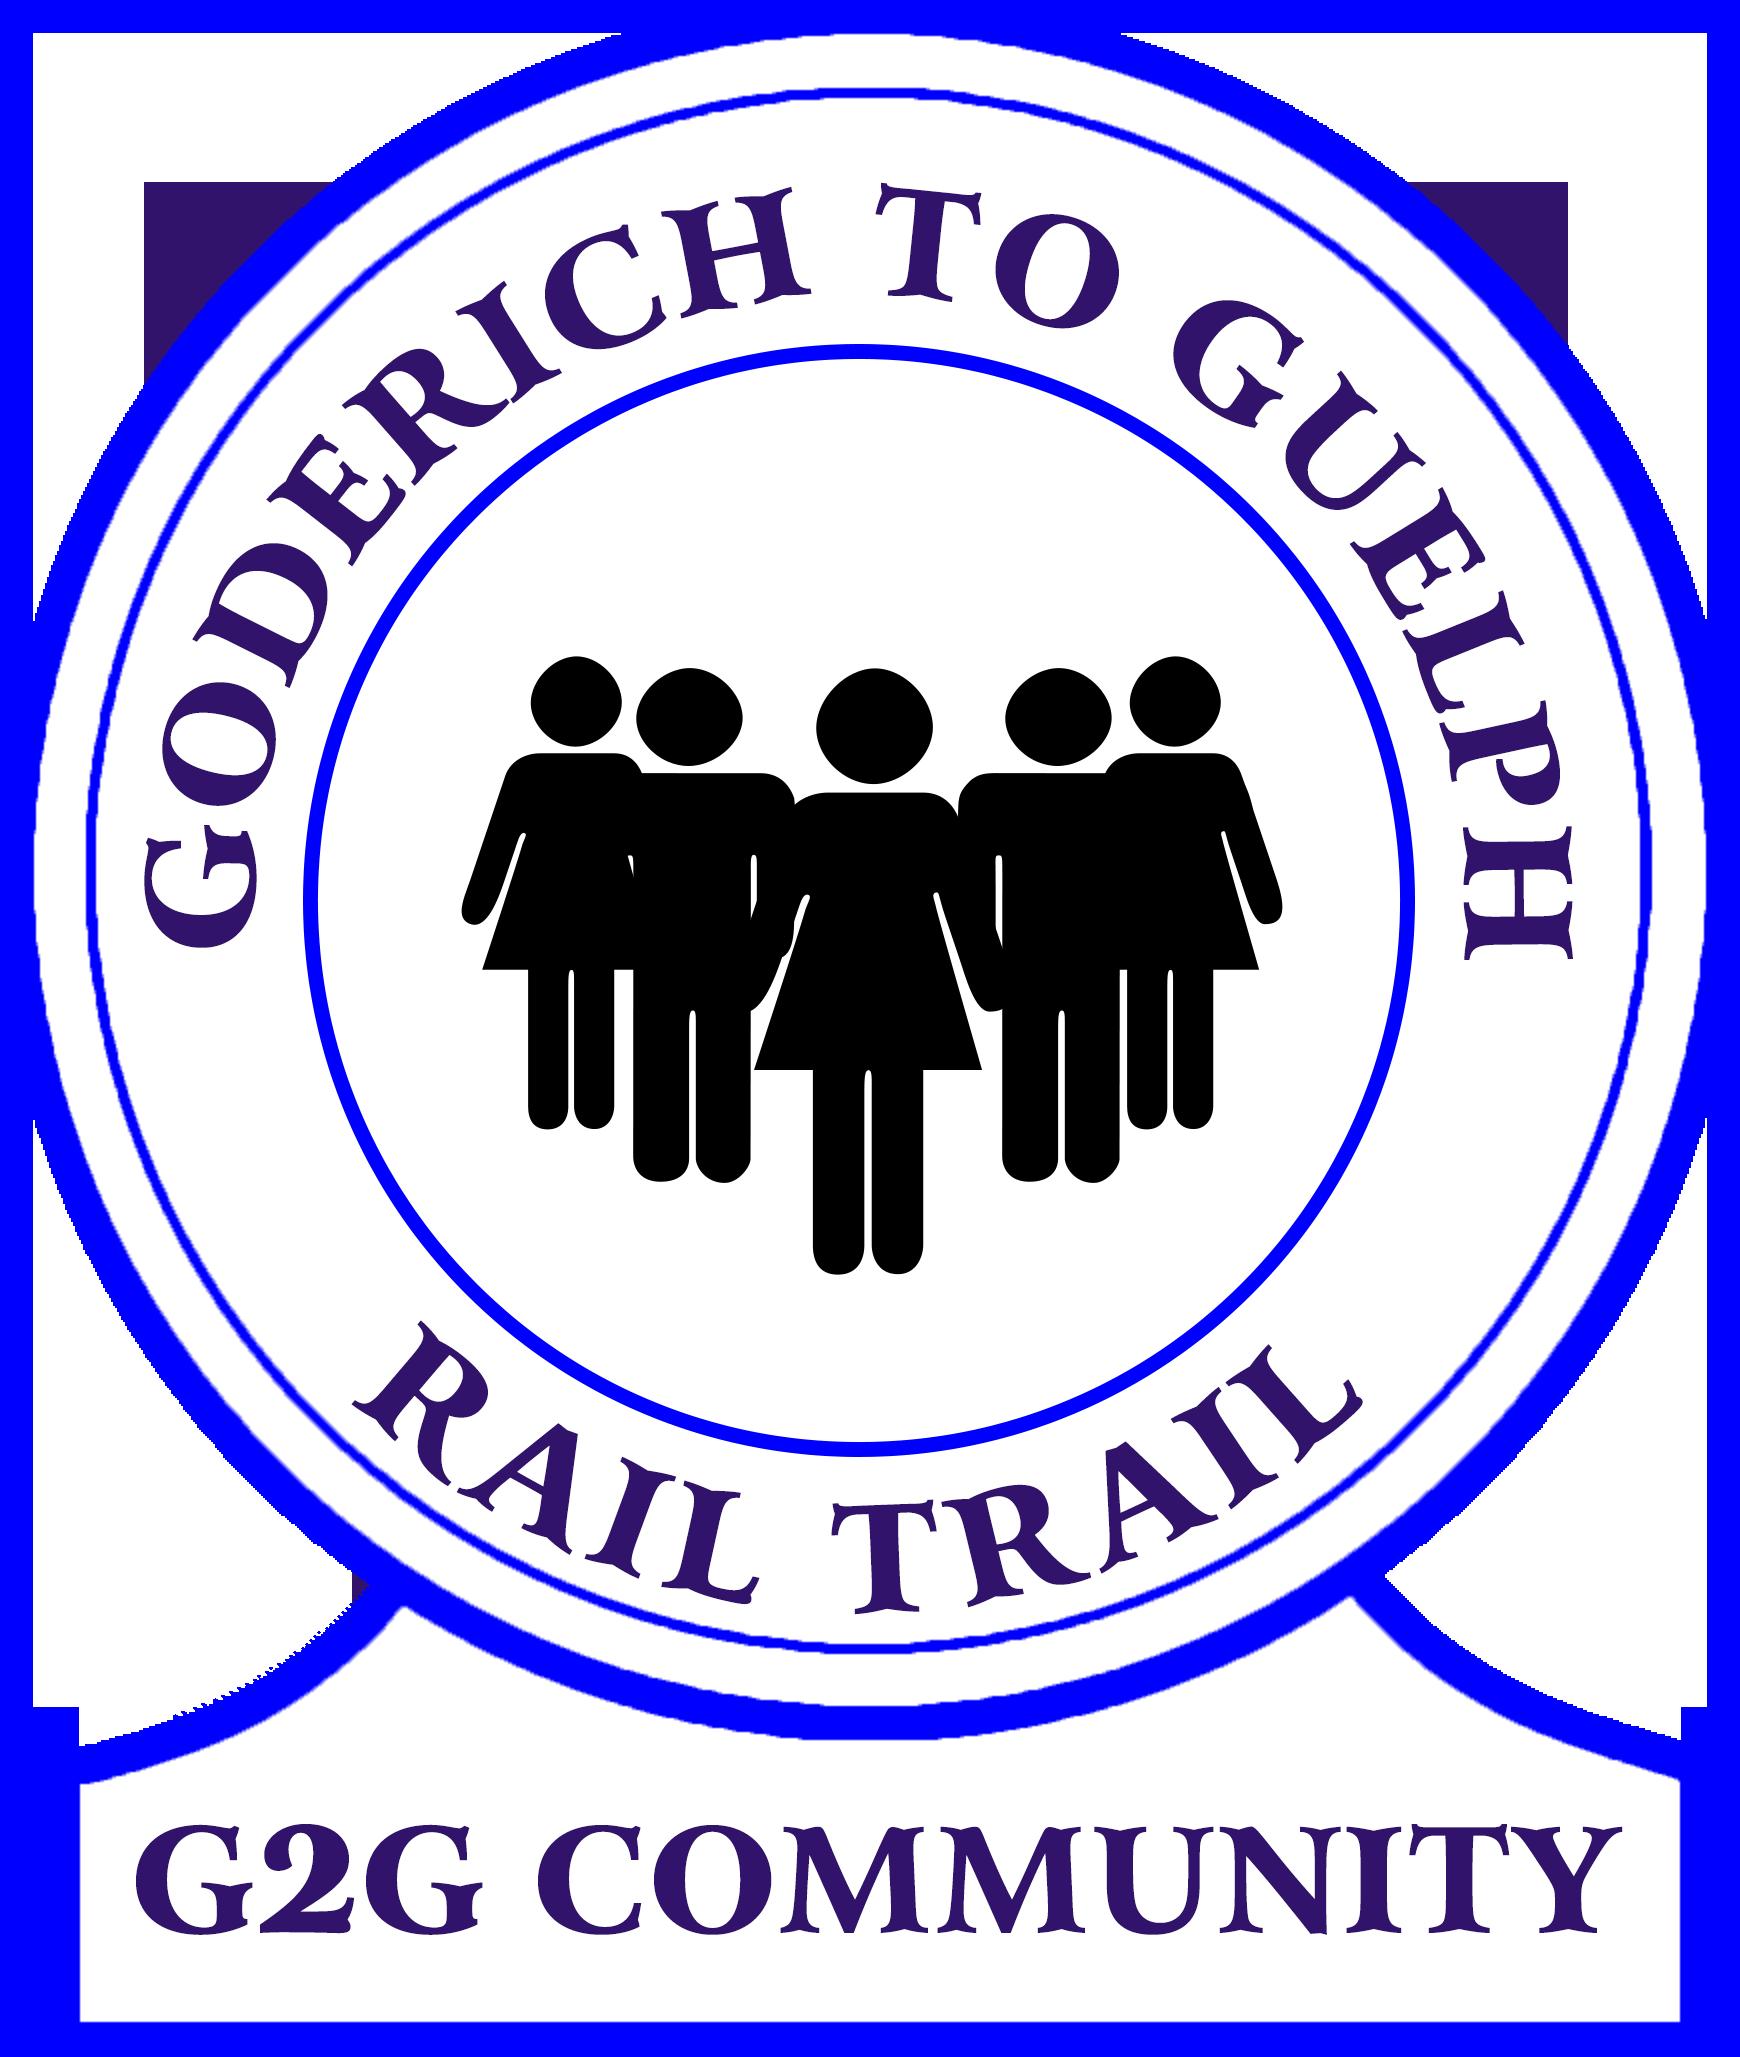 G2G-Community